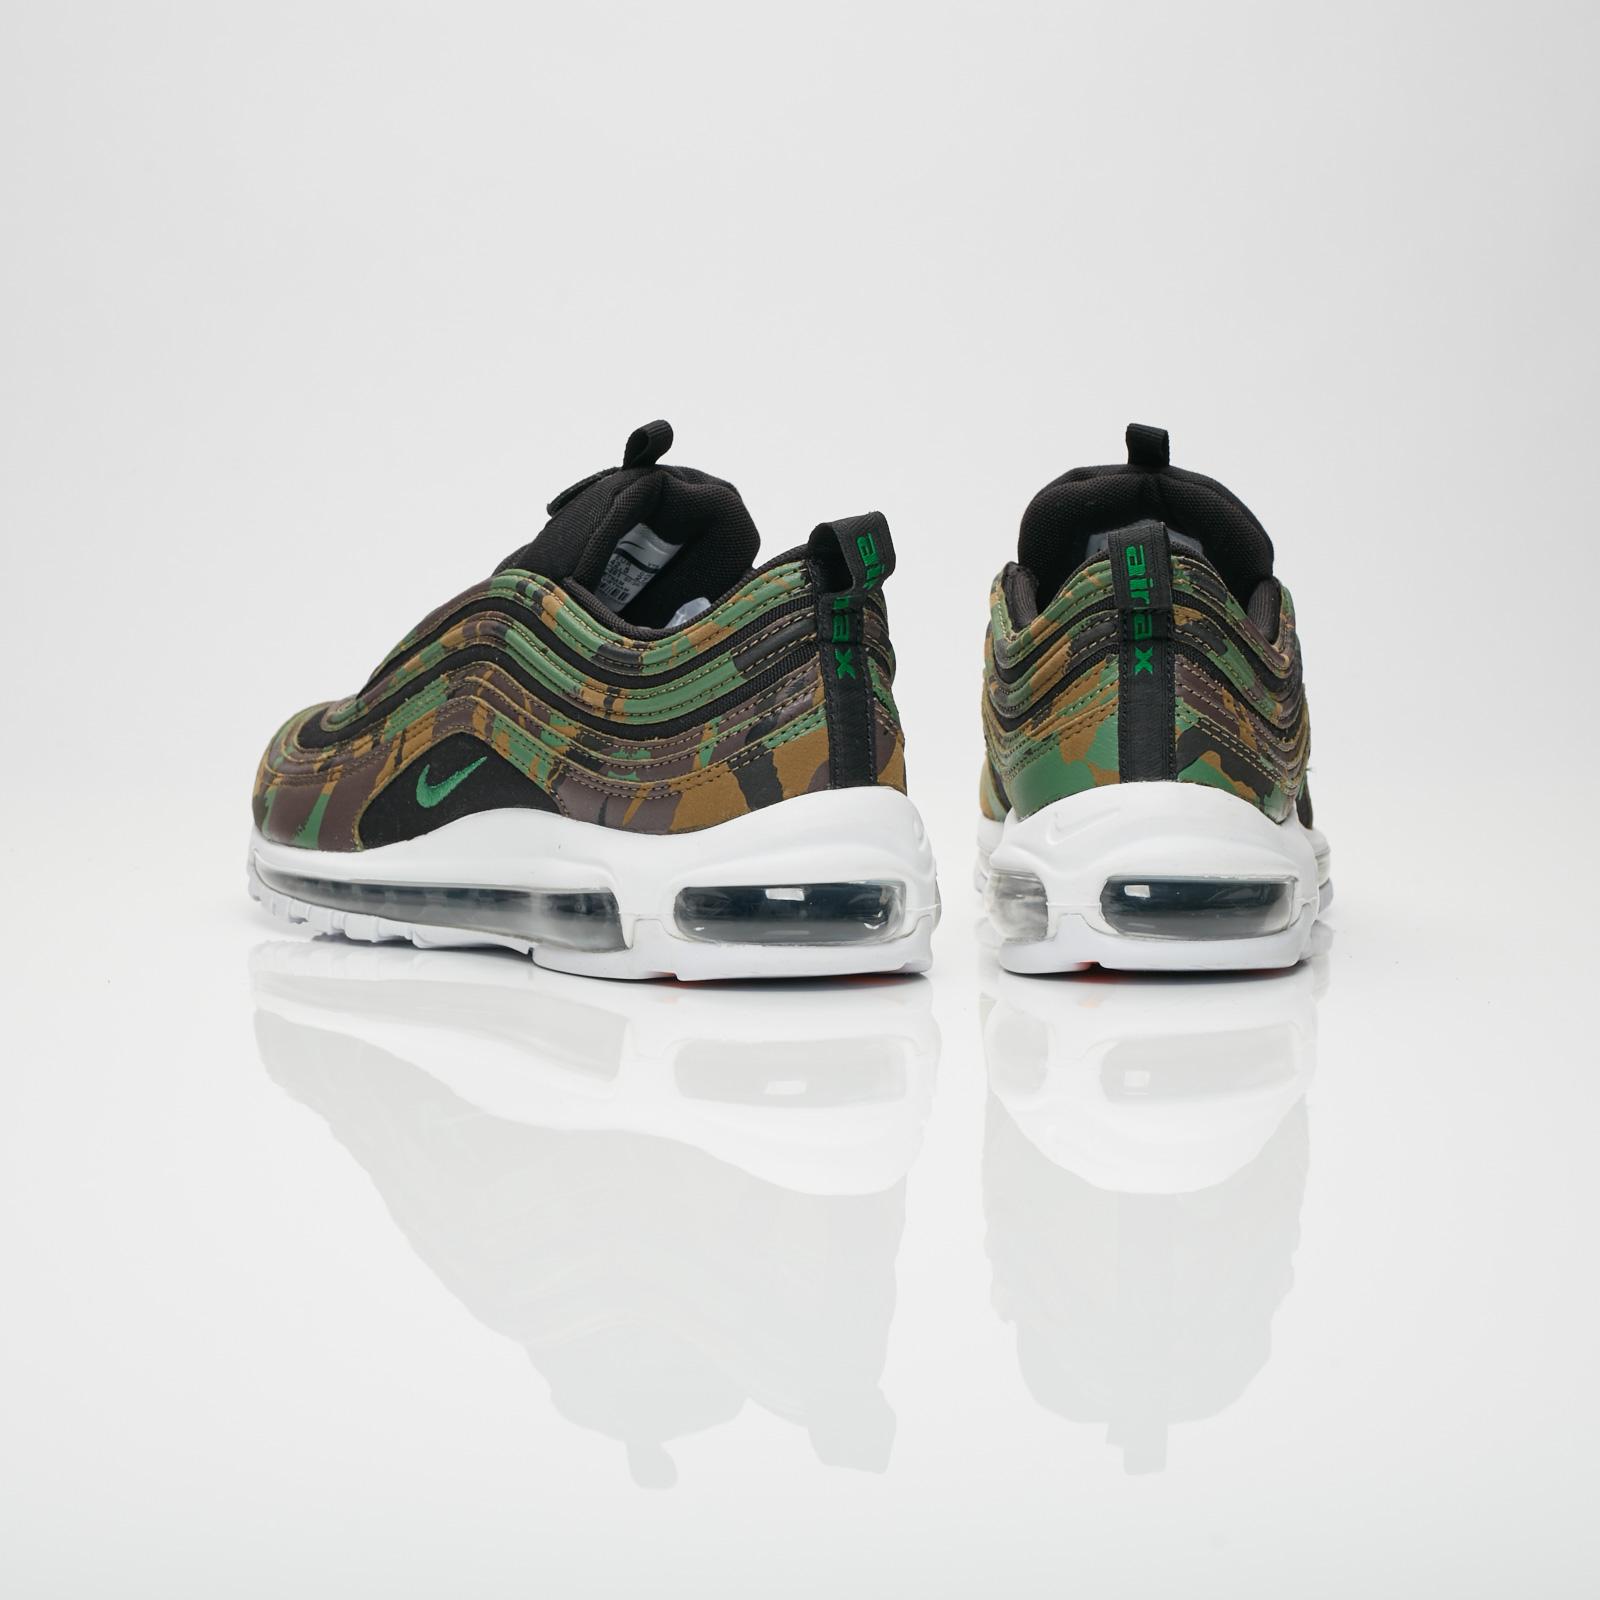 Nike Air Max 97 Premium QS